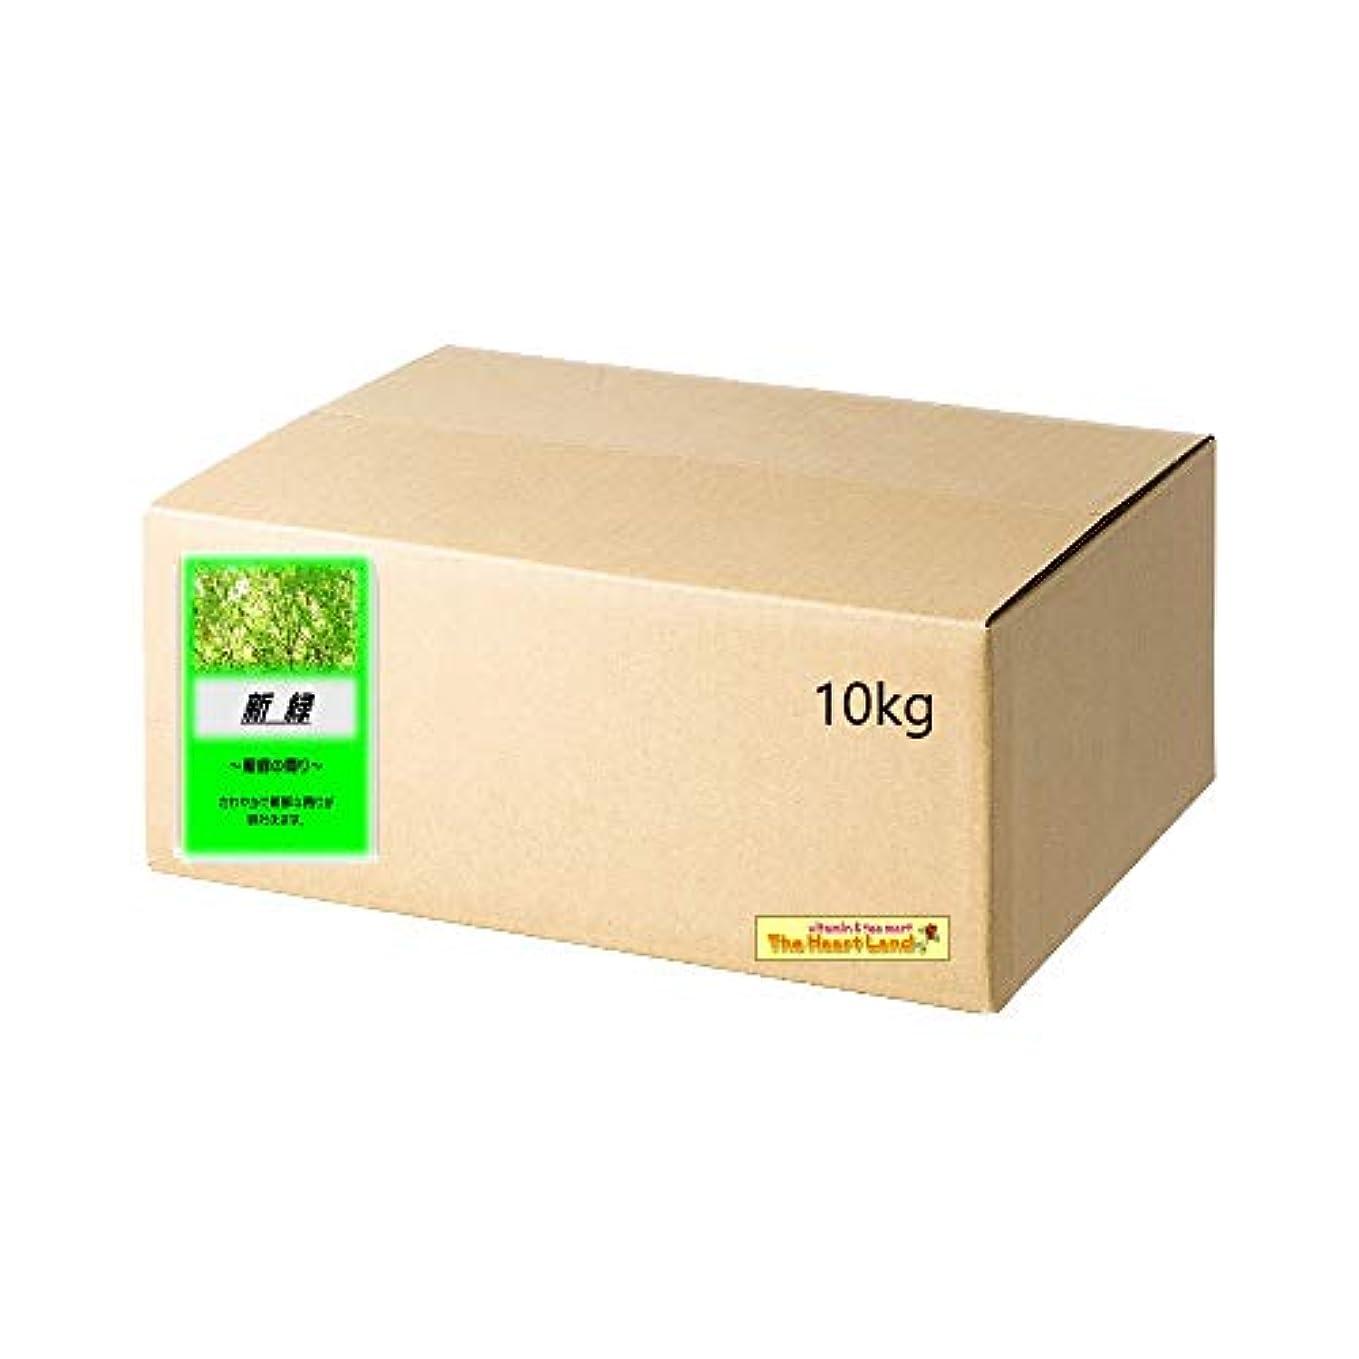 アサヒ入浴剤 浴用入浴化粧品 新緑 10kg